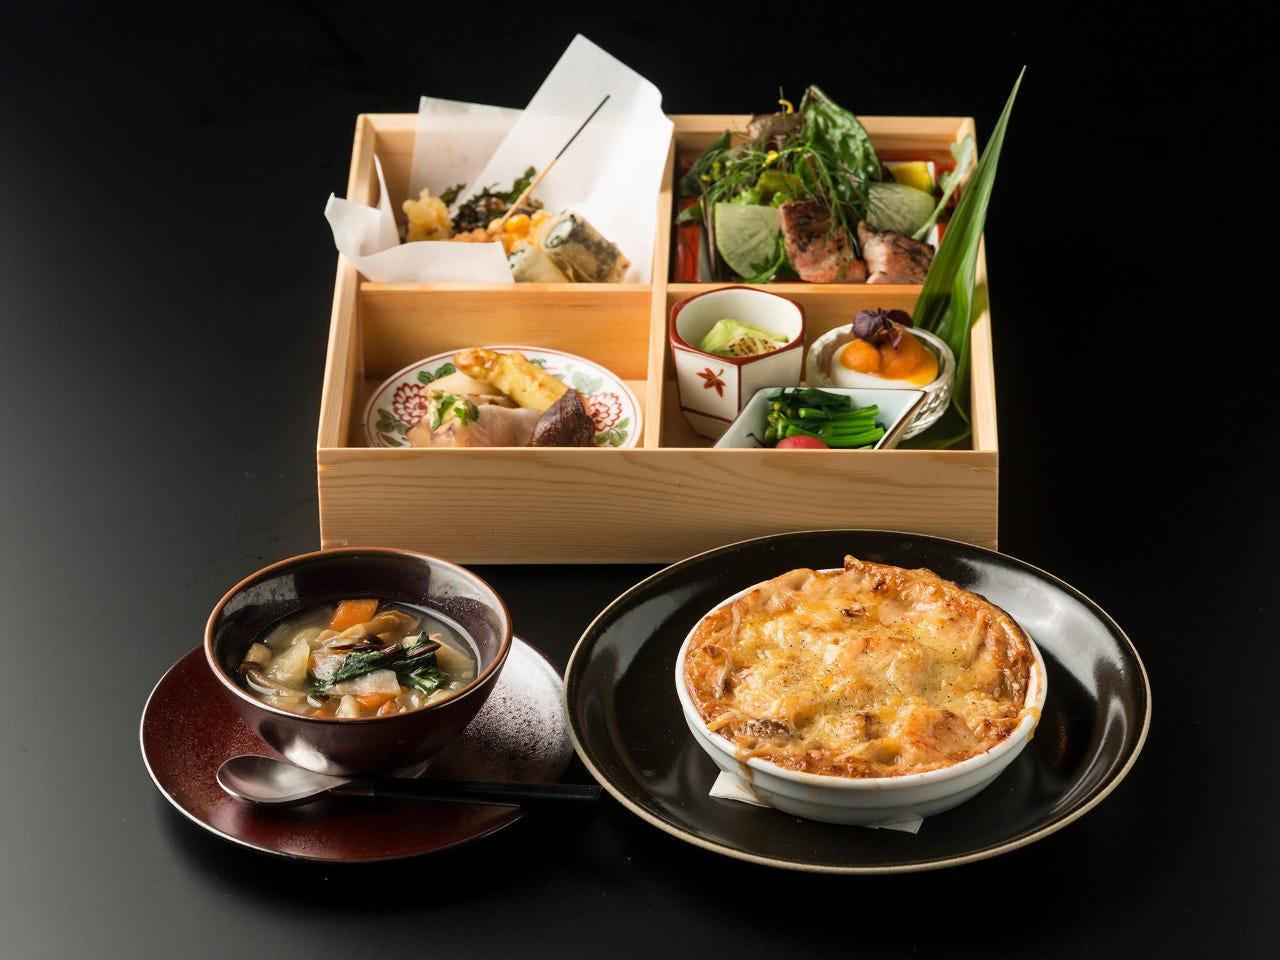 【和食】南禅寺名物 湯豆腐会席 全7品